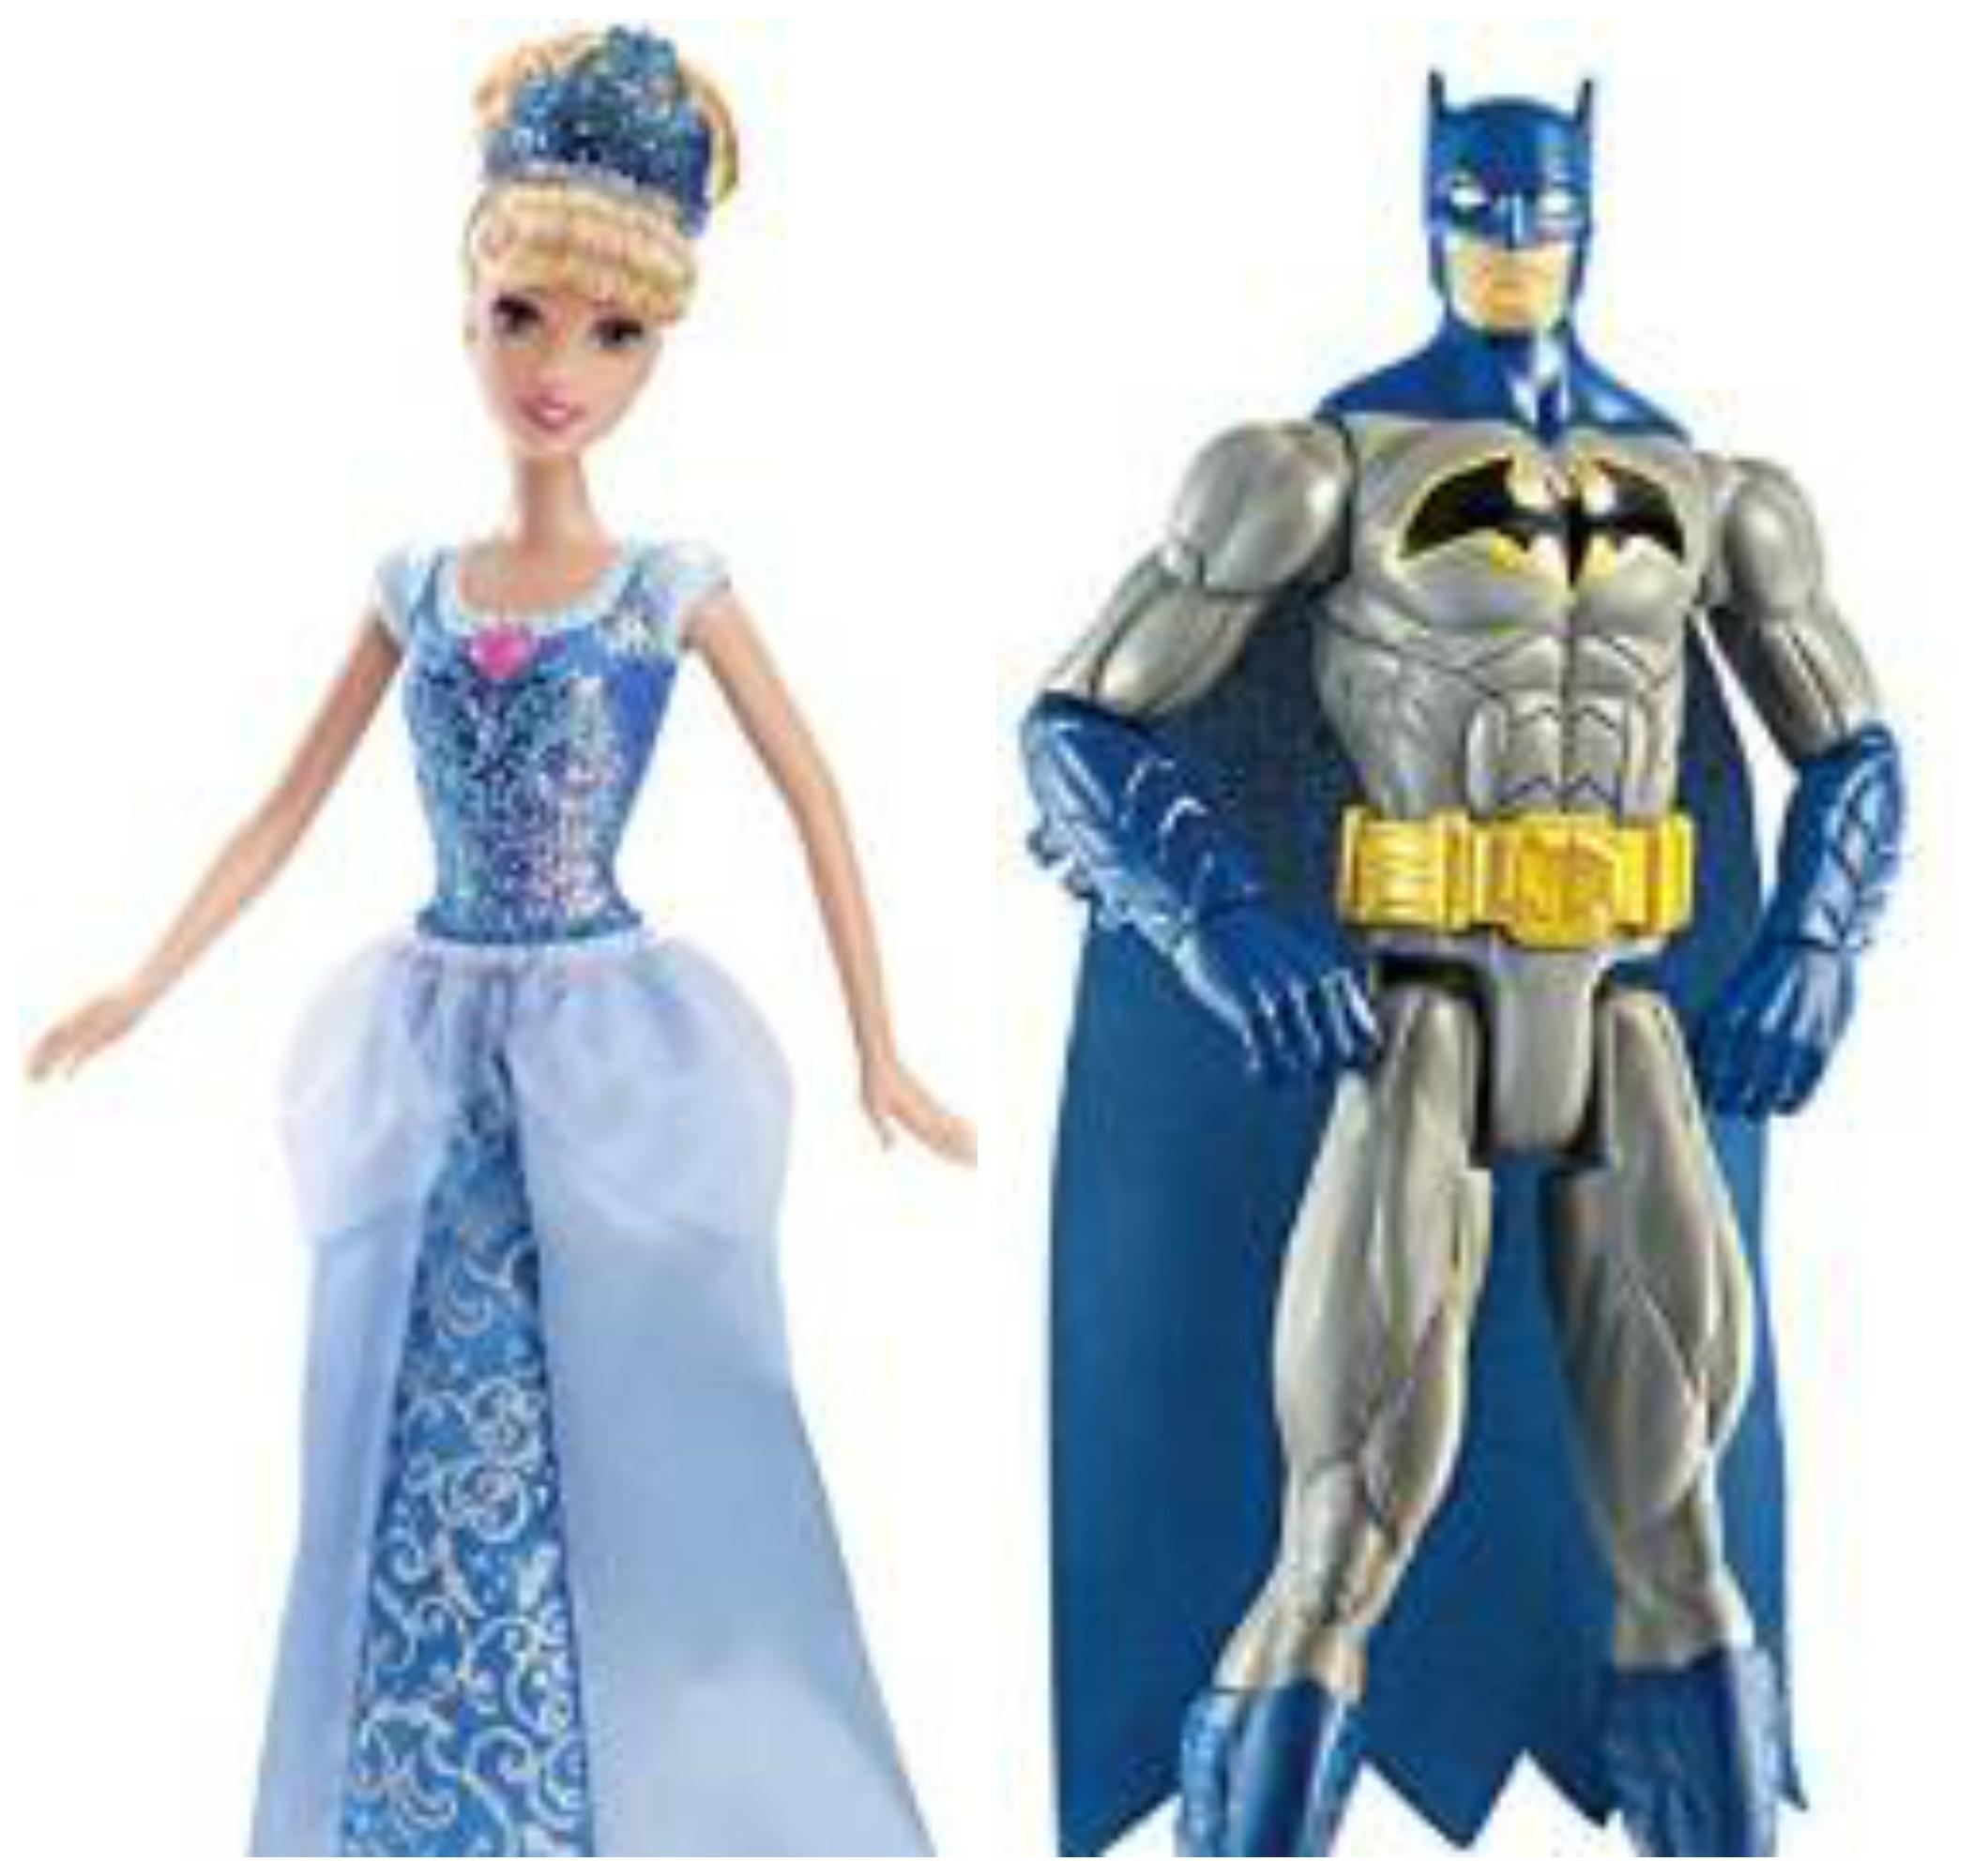 Cinderella and Batman dolls